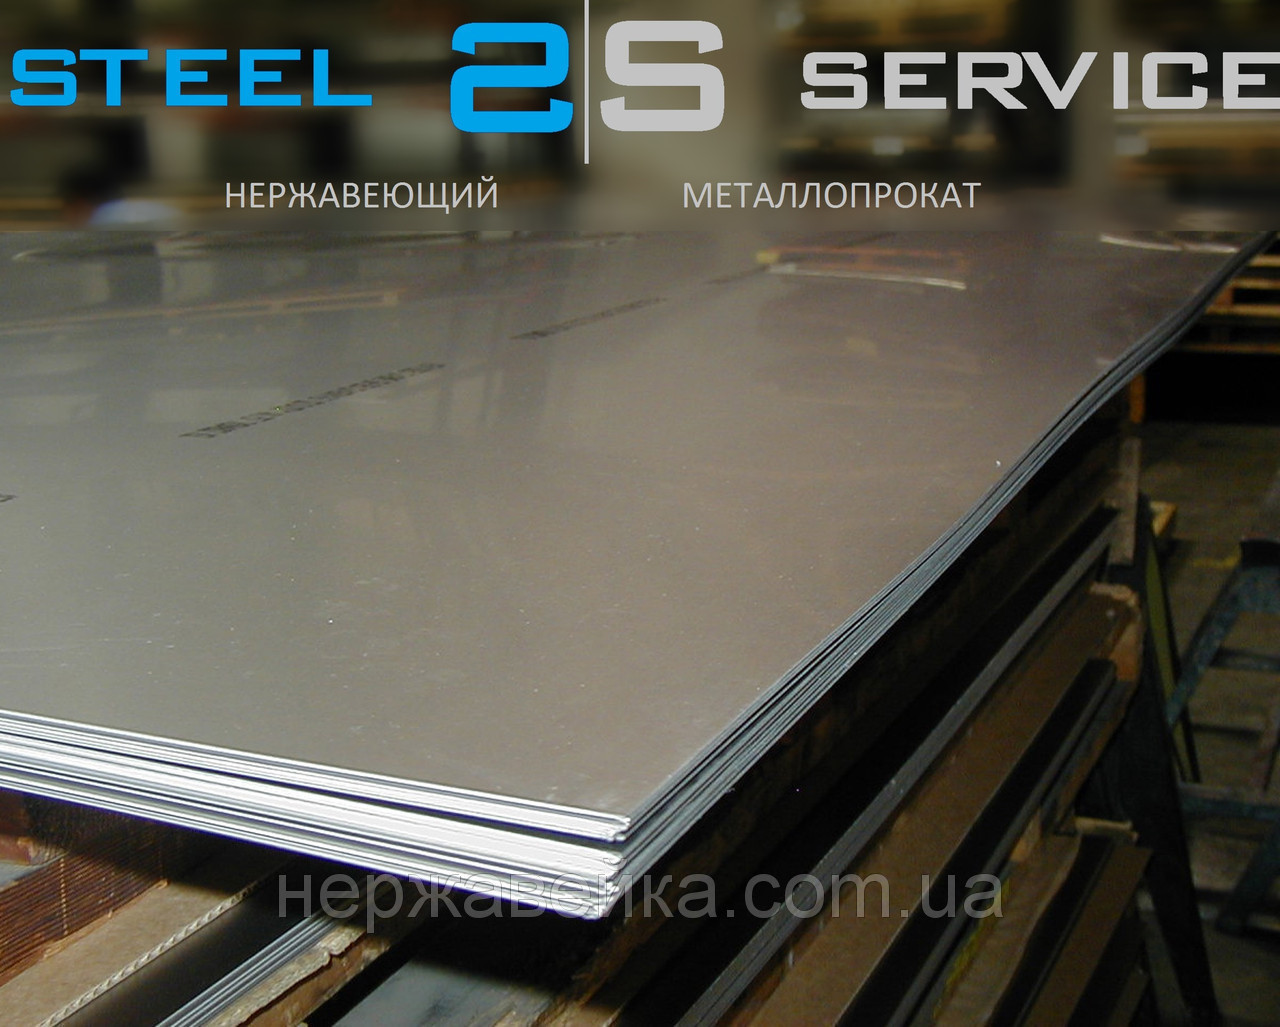 Нержавеющий лист 0,4х1000х2000мм AISI 430(12Х17) BA - зеркало, технический